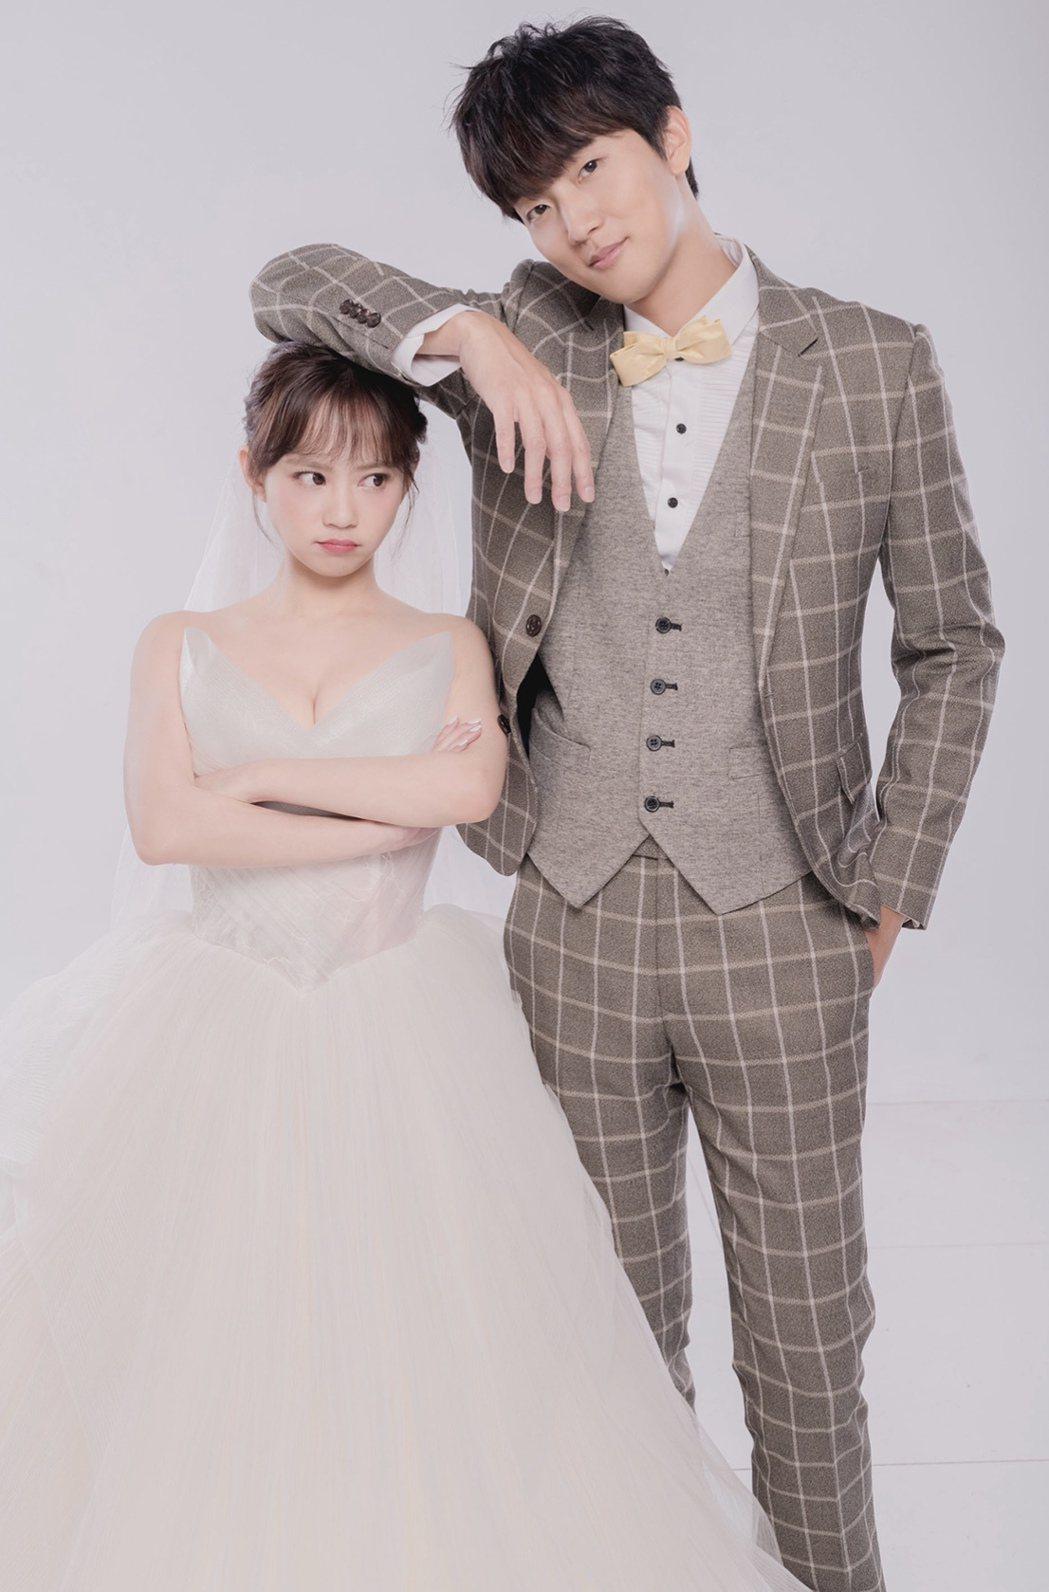 許書豪(右)今與愛情長跑13年的未婚妻Amy完成結婚登記,並公佈婚紗閃照。圖/上...